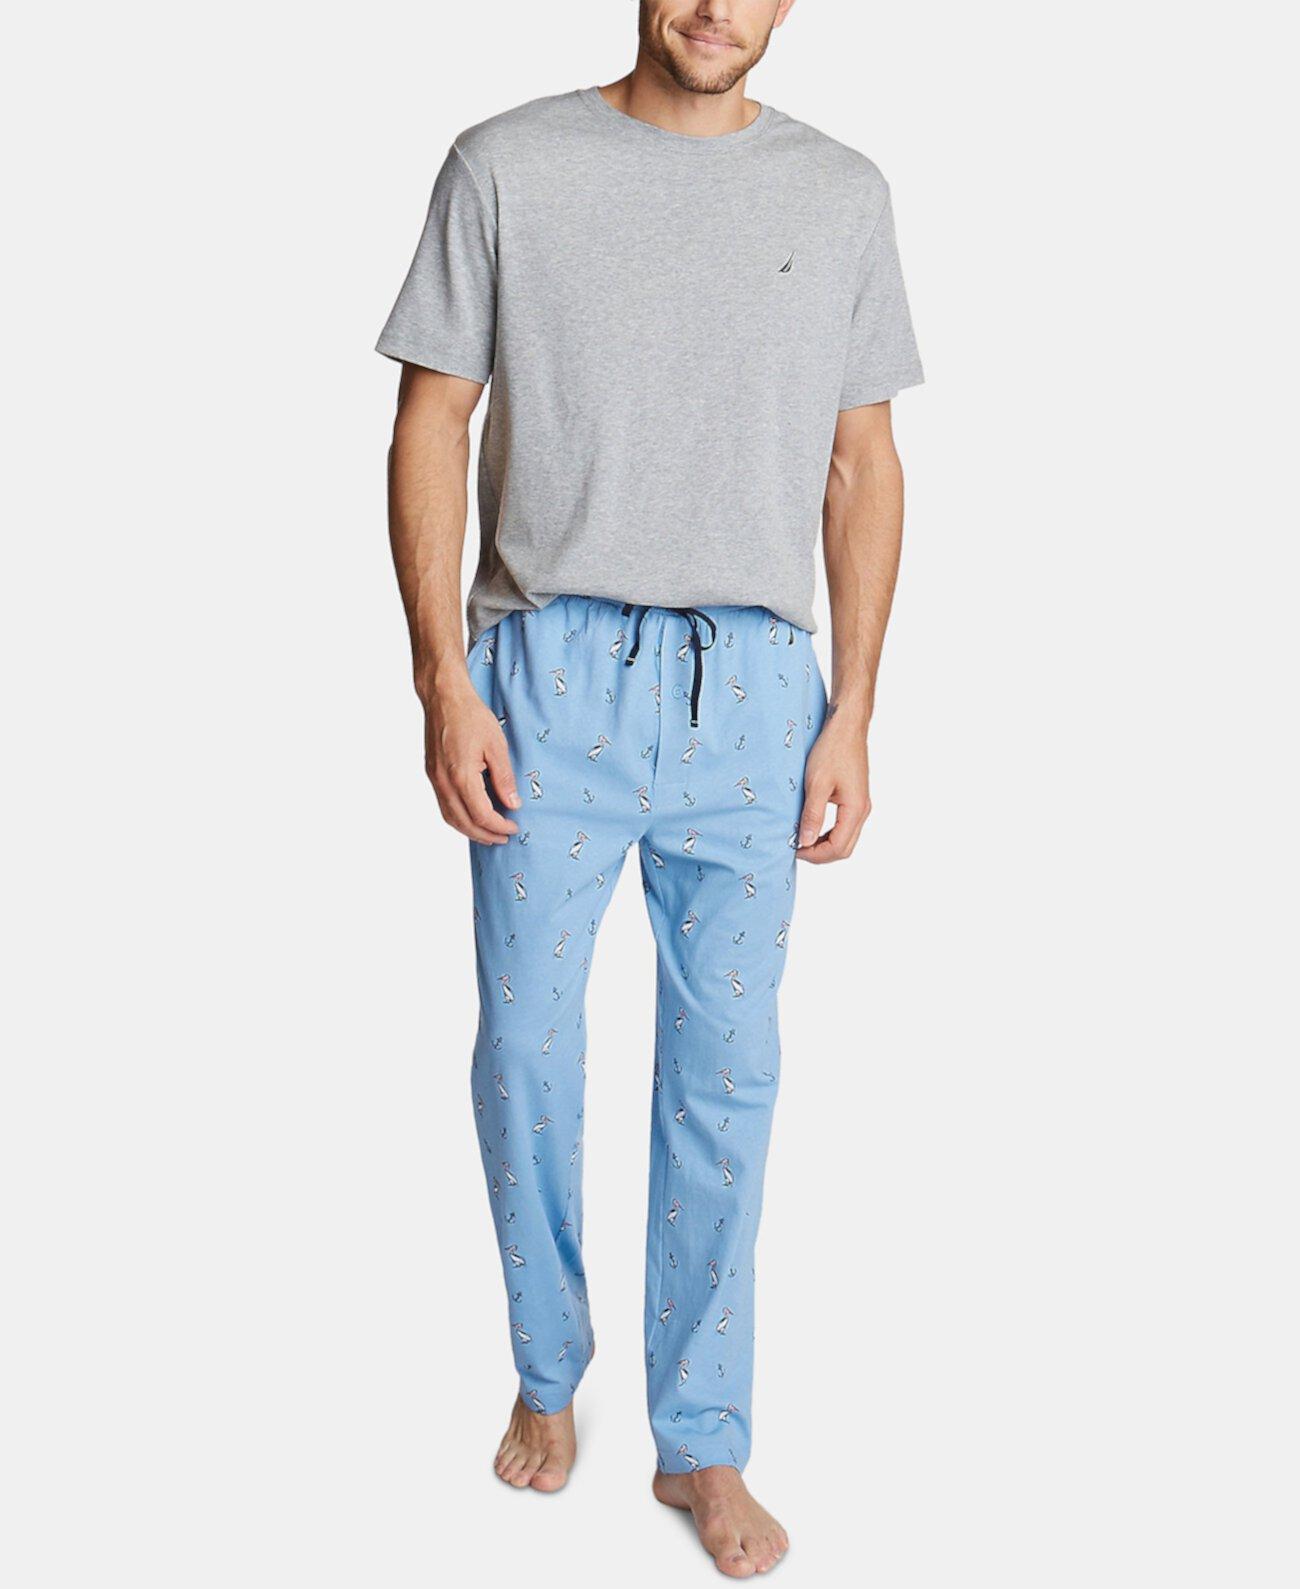 Мужские пижамные штаны с принтом из хлопка Nautica